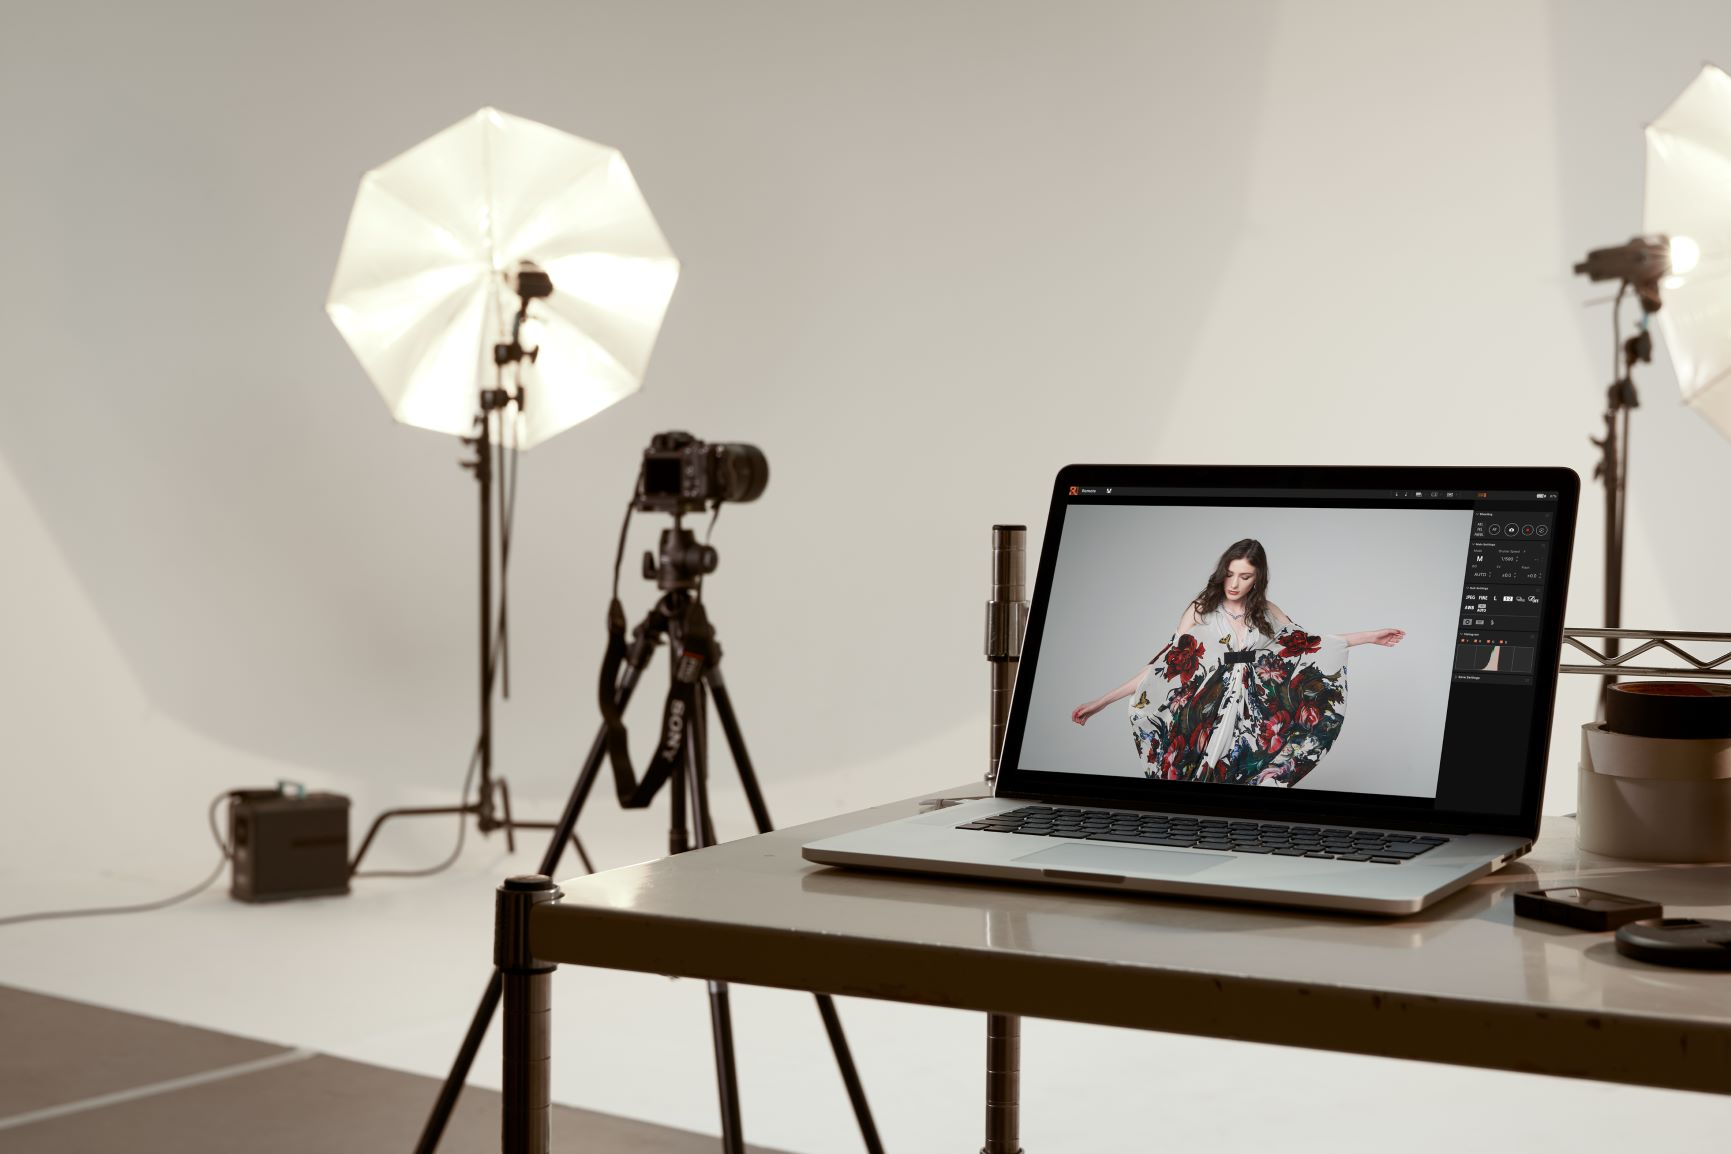 Iluminación básica para fotografía